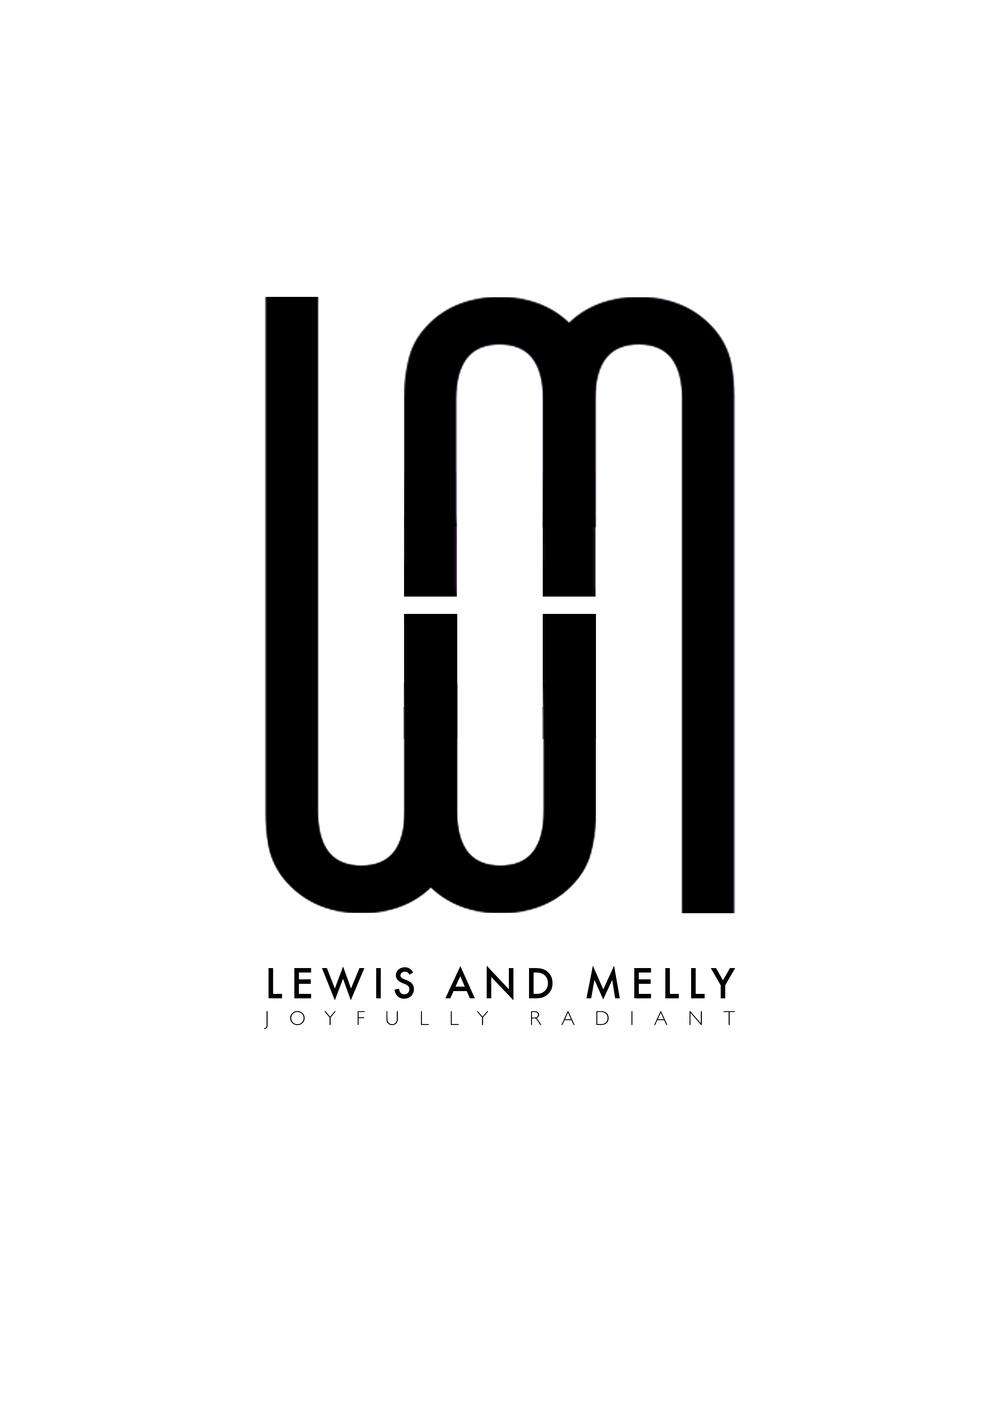 Afbeeldingsresultaat voor lewis en melly logo